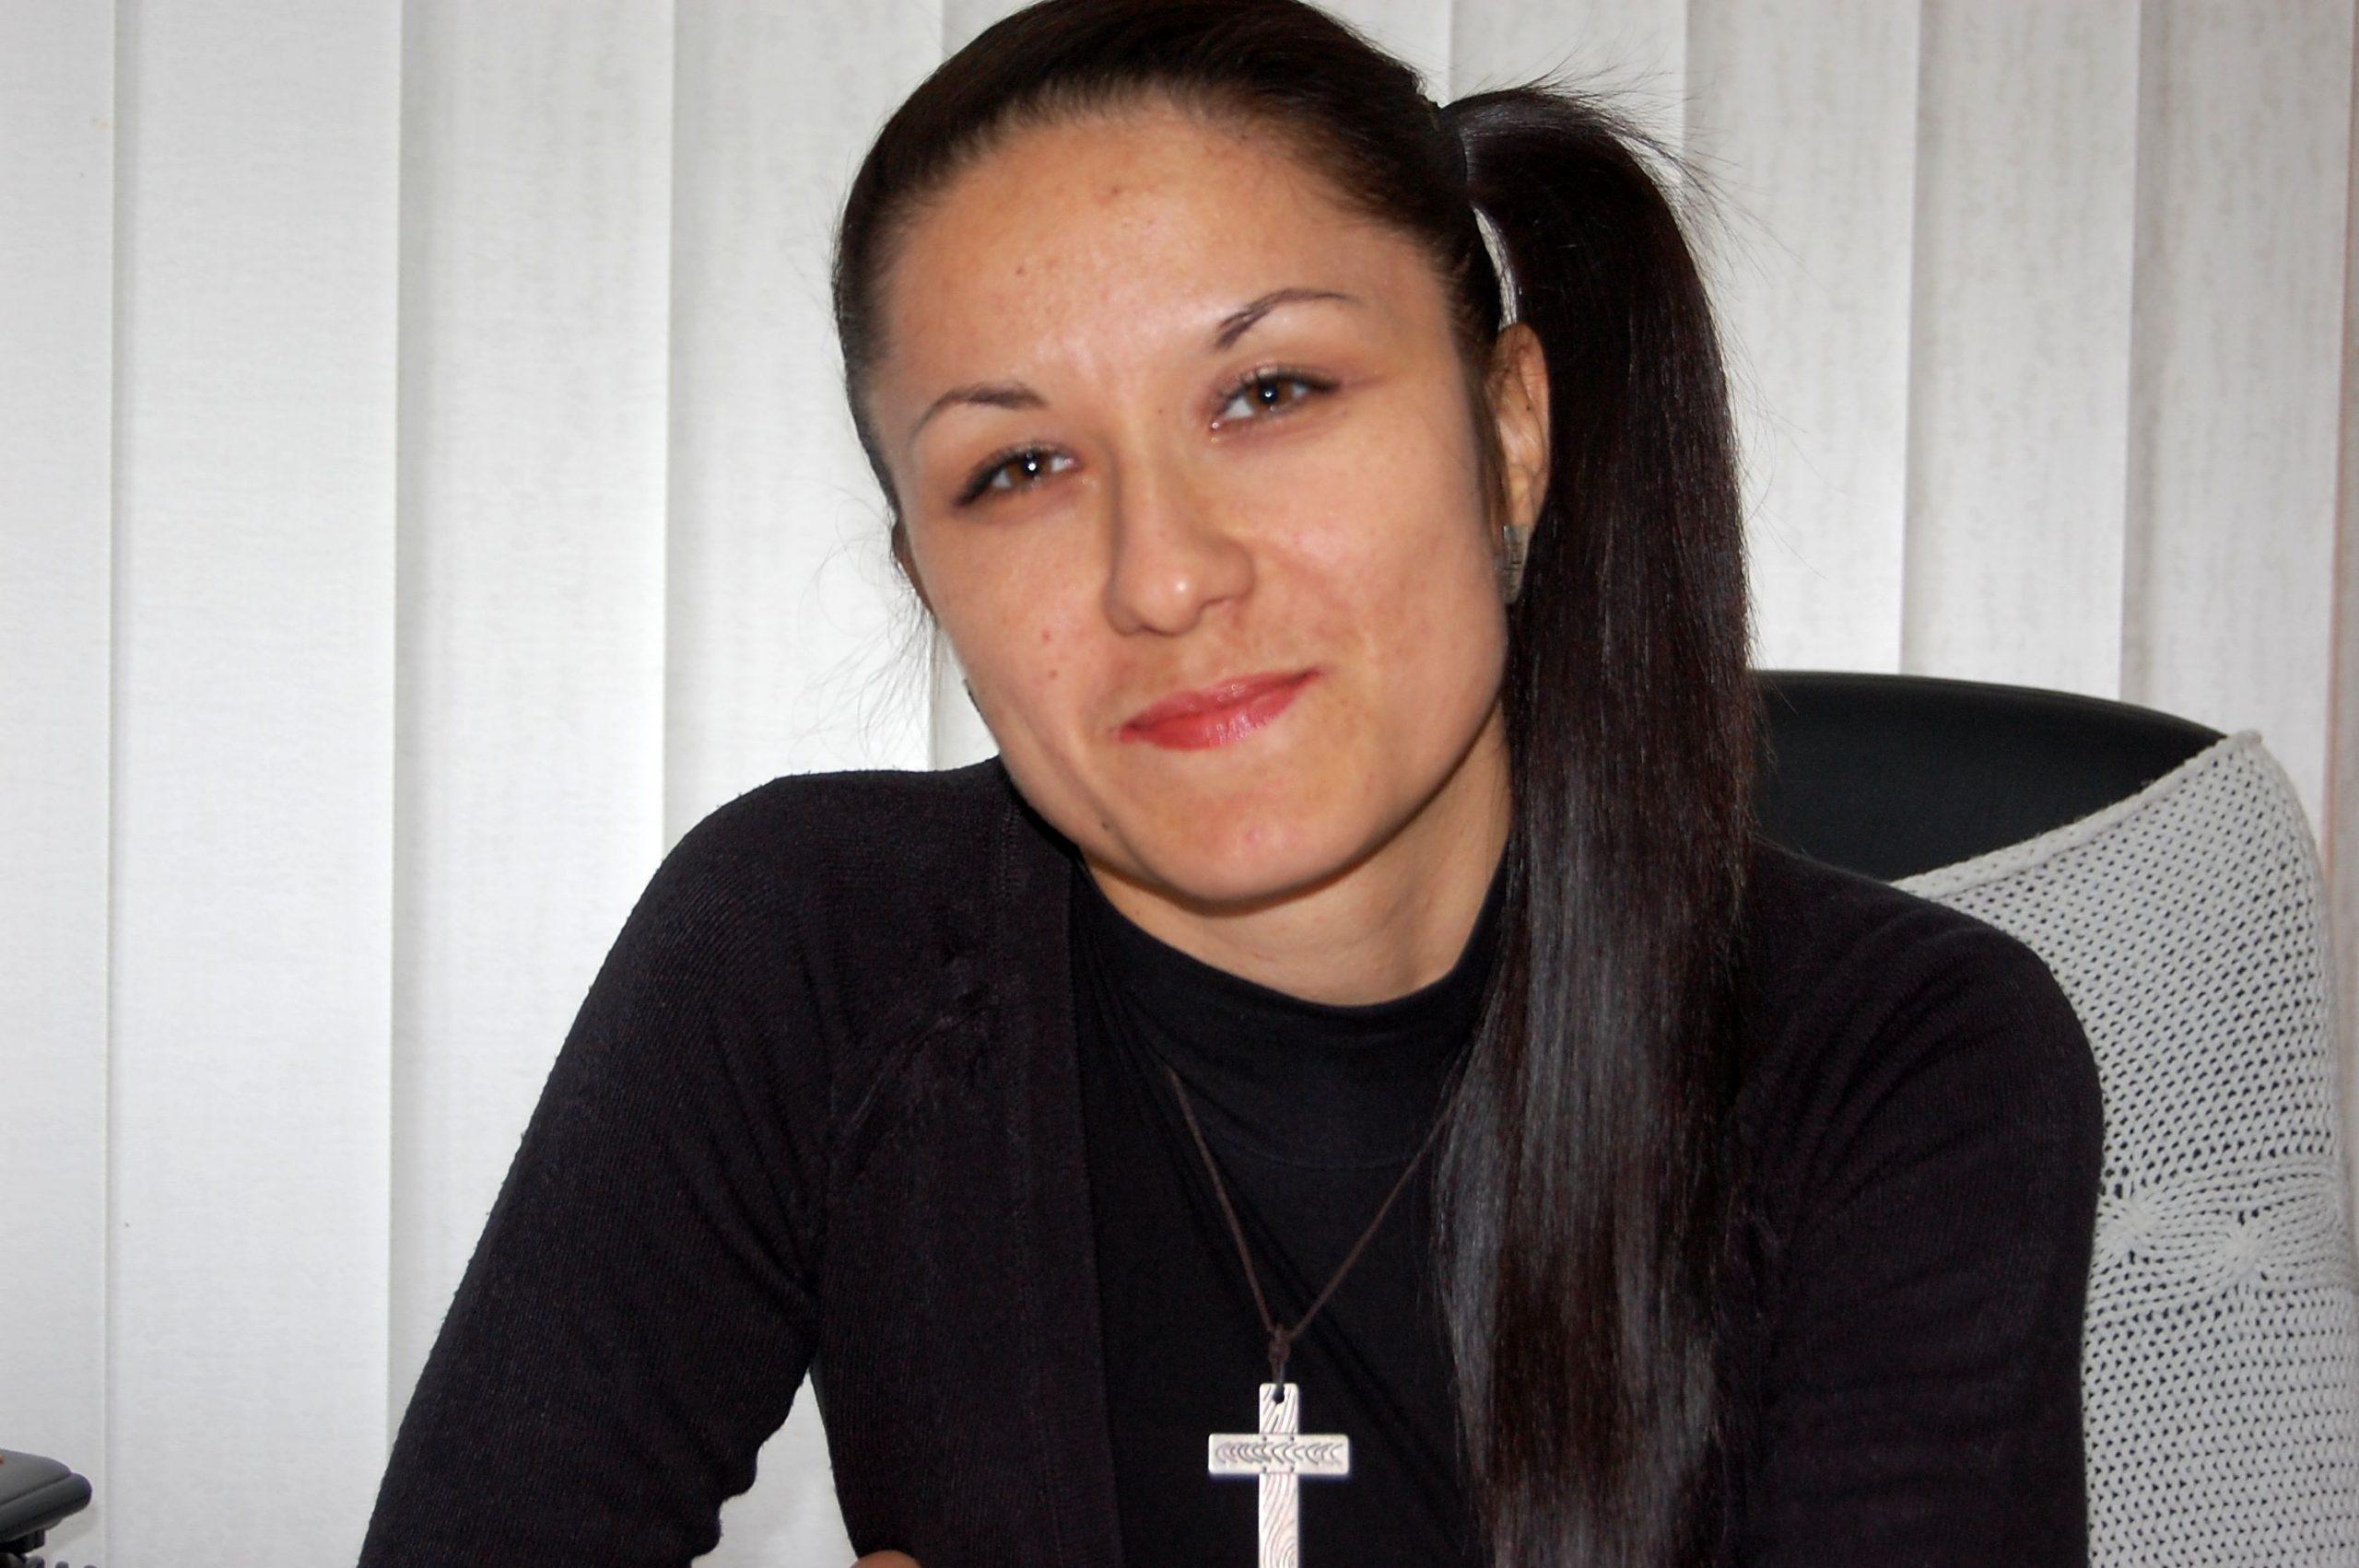 Directorul Poşta Moldovei, filiala Ungheni, Irina Cucoara